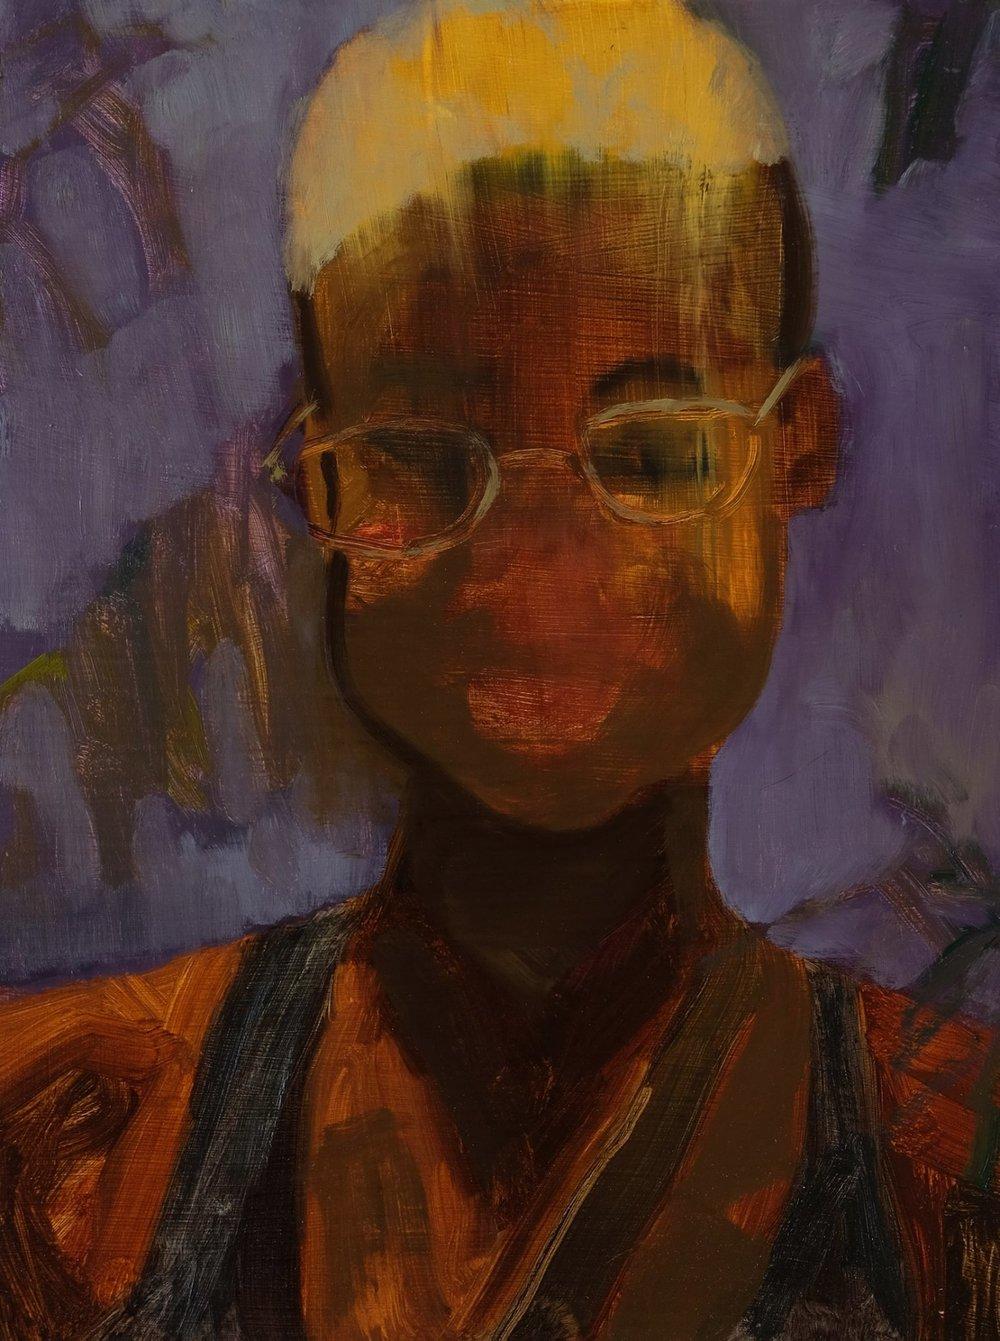 """Lara Feldman """"Something About Her"""" Oil on Canvas Board 40 x 30cm R6 800"""